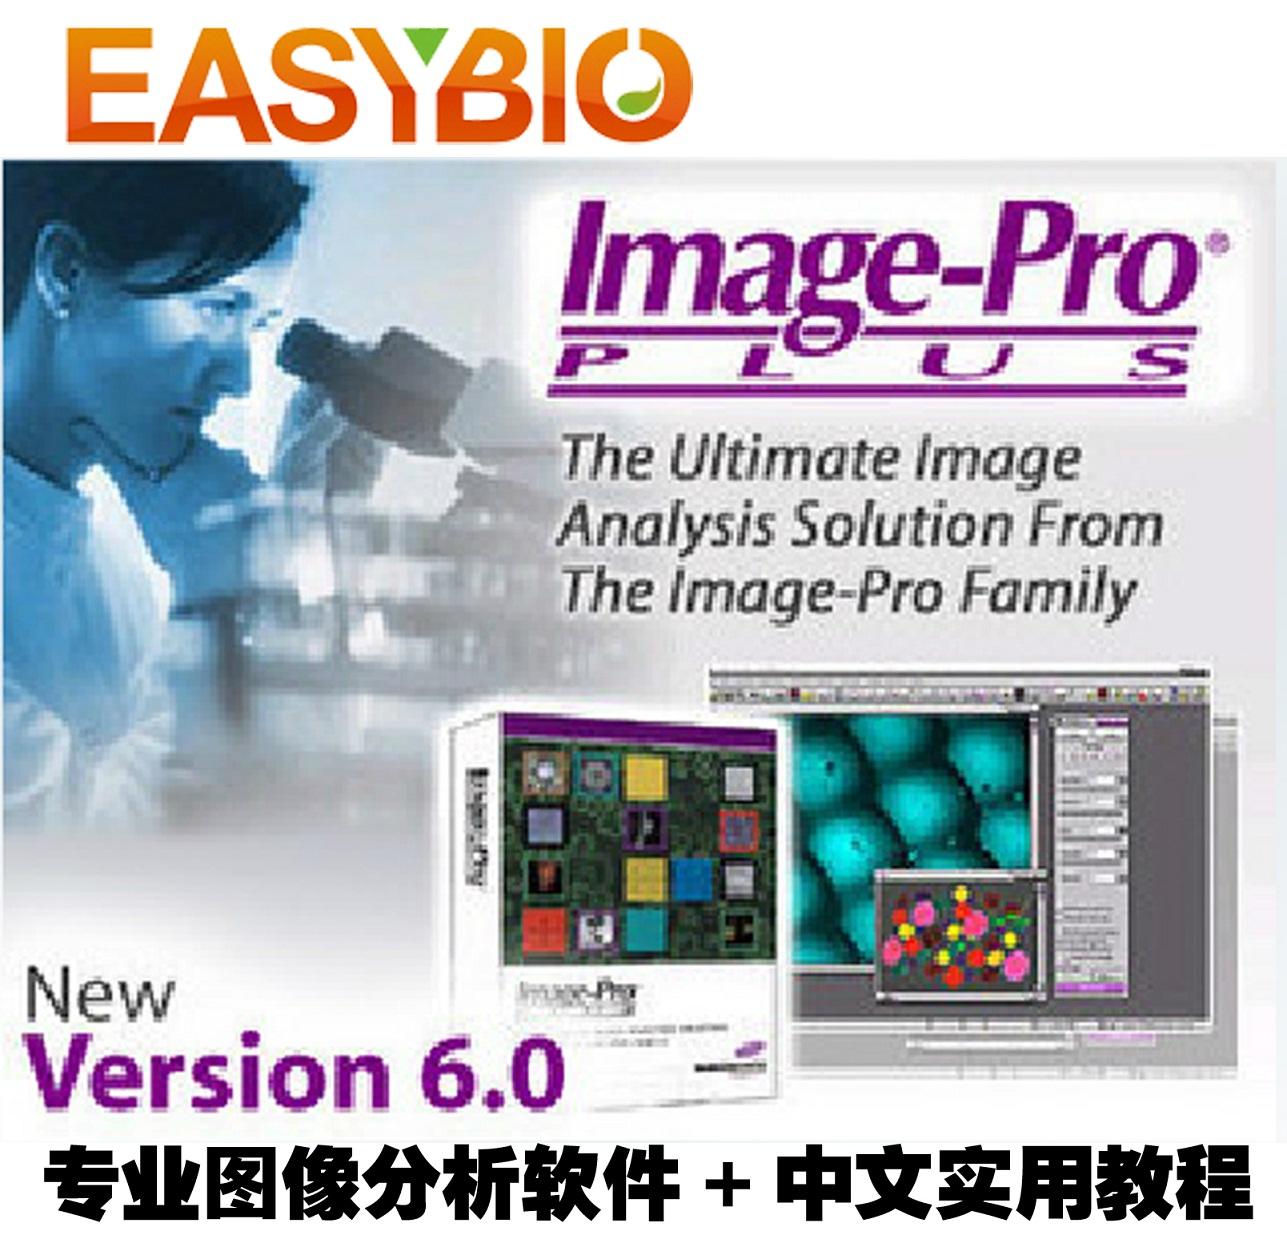 专业图像分析软件 Image pro plus 6.0 /ipp 6.0 送实用教程